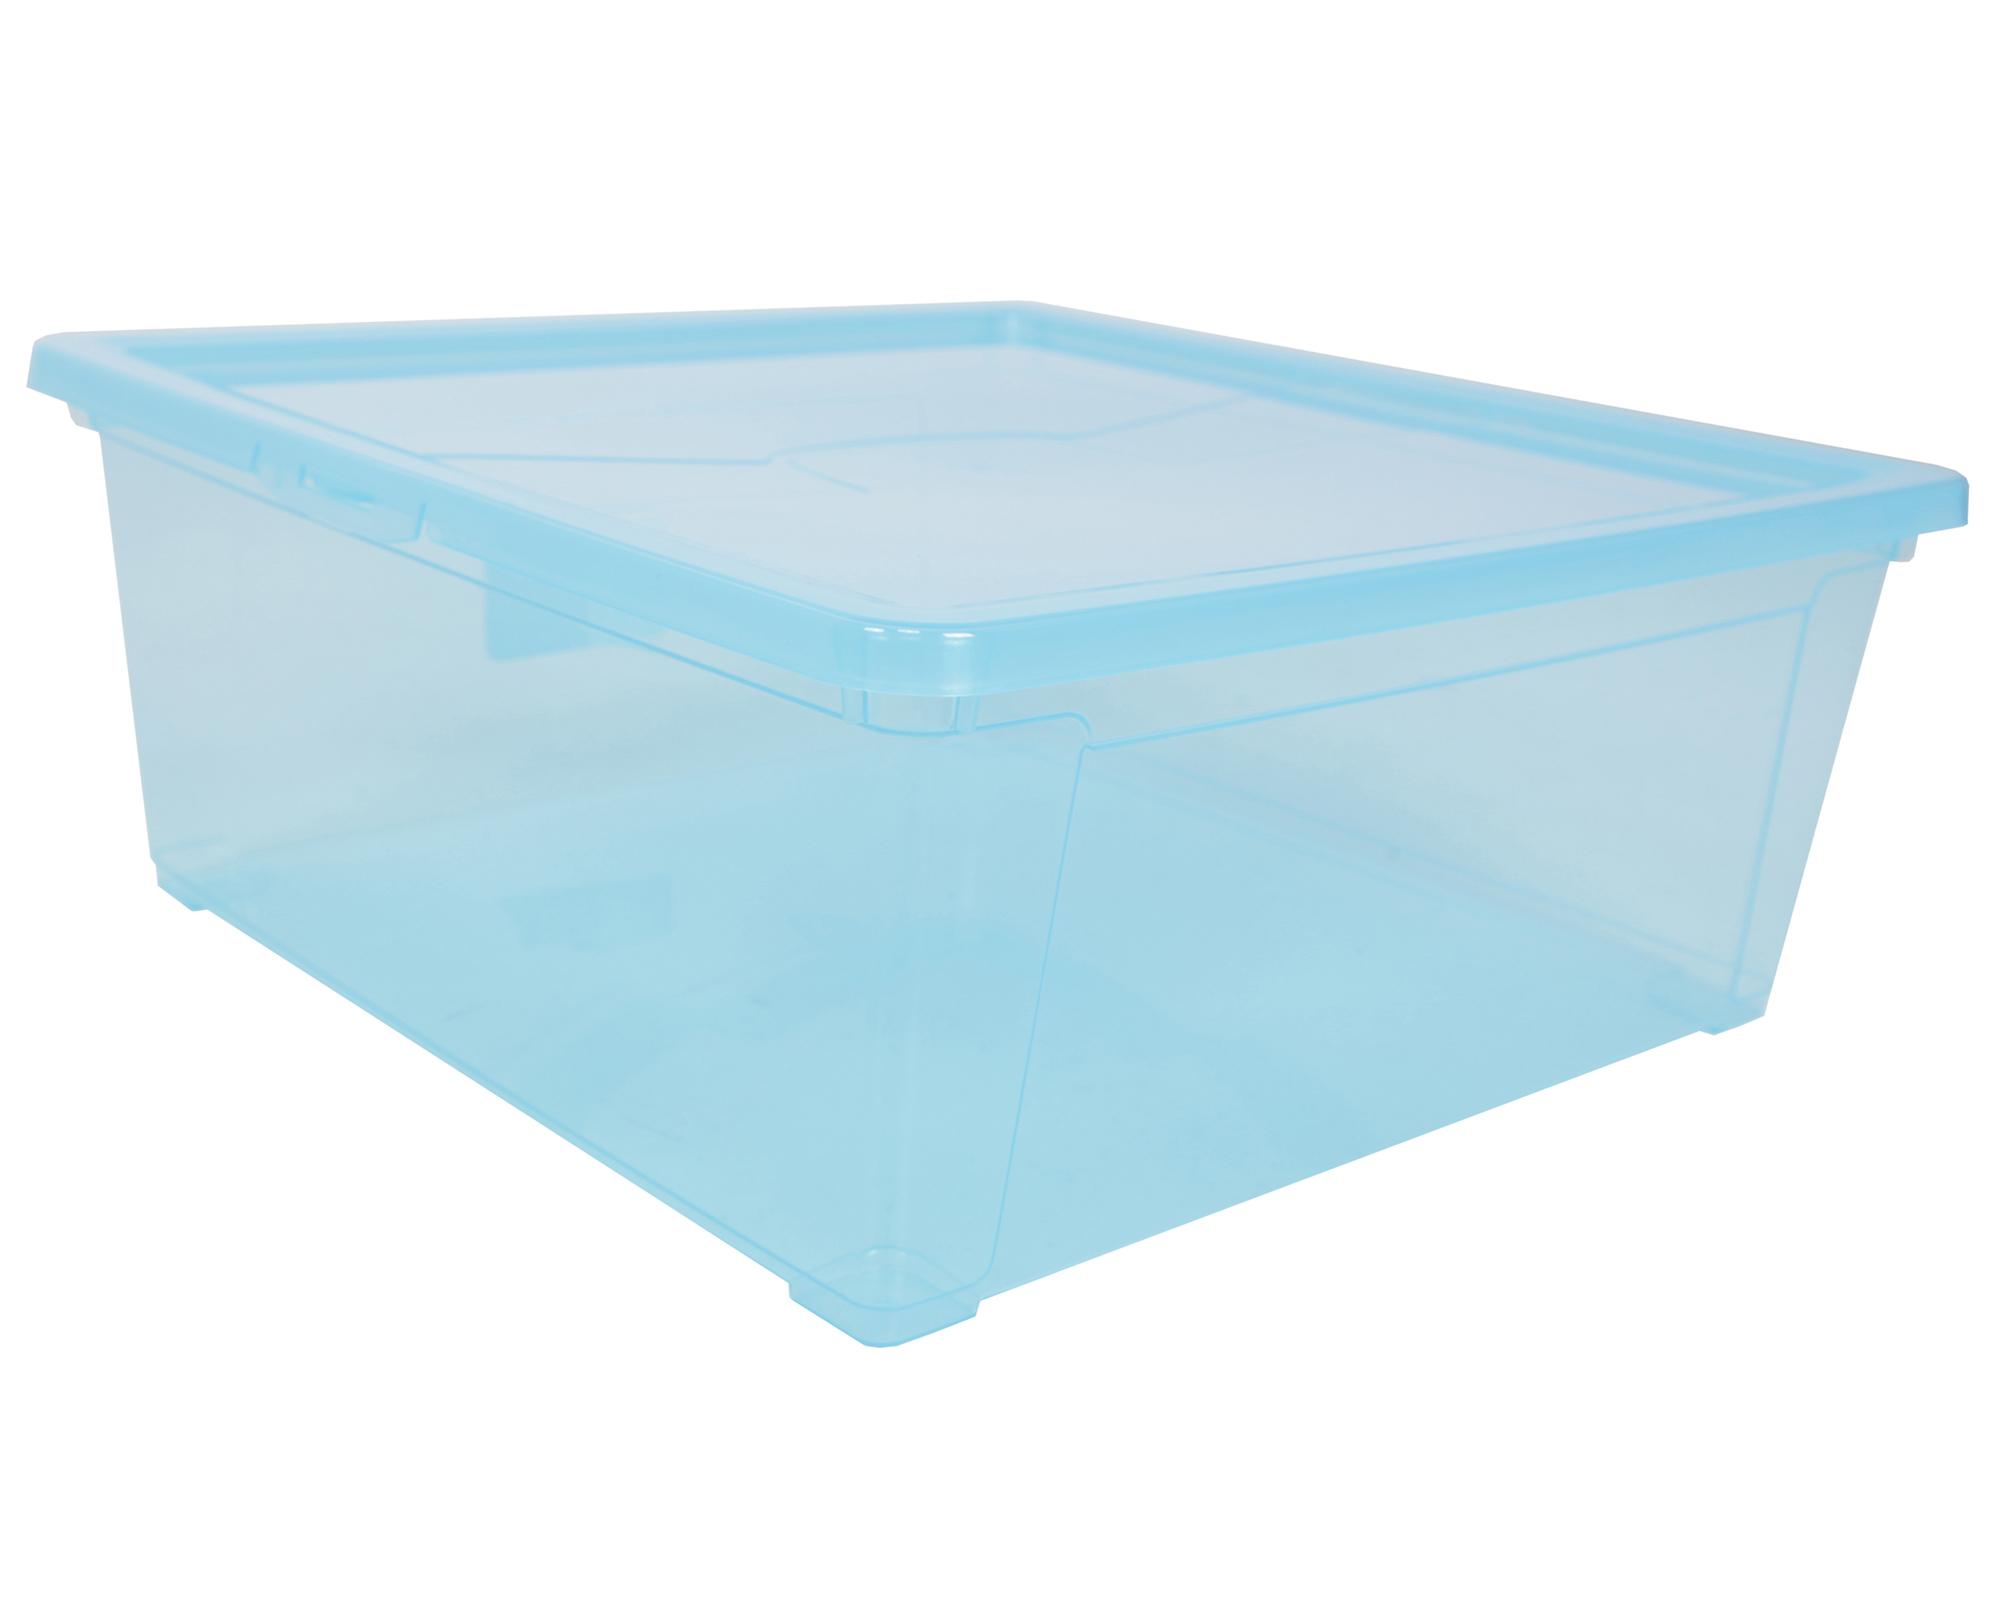 ondis24 aufbewahrungsbox easy l blau g nstig online kaufen. Black Bedroom Furniture Sets. Home Design Ideas